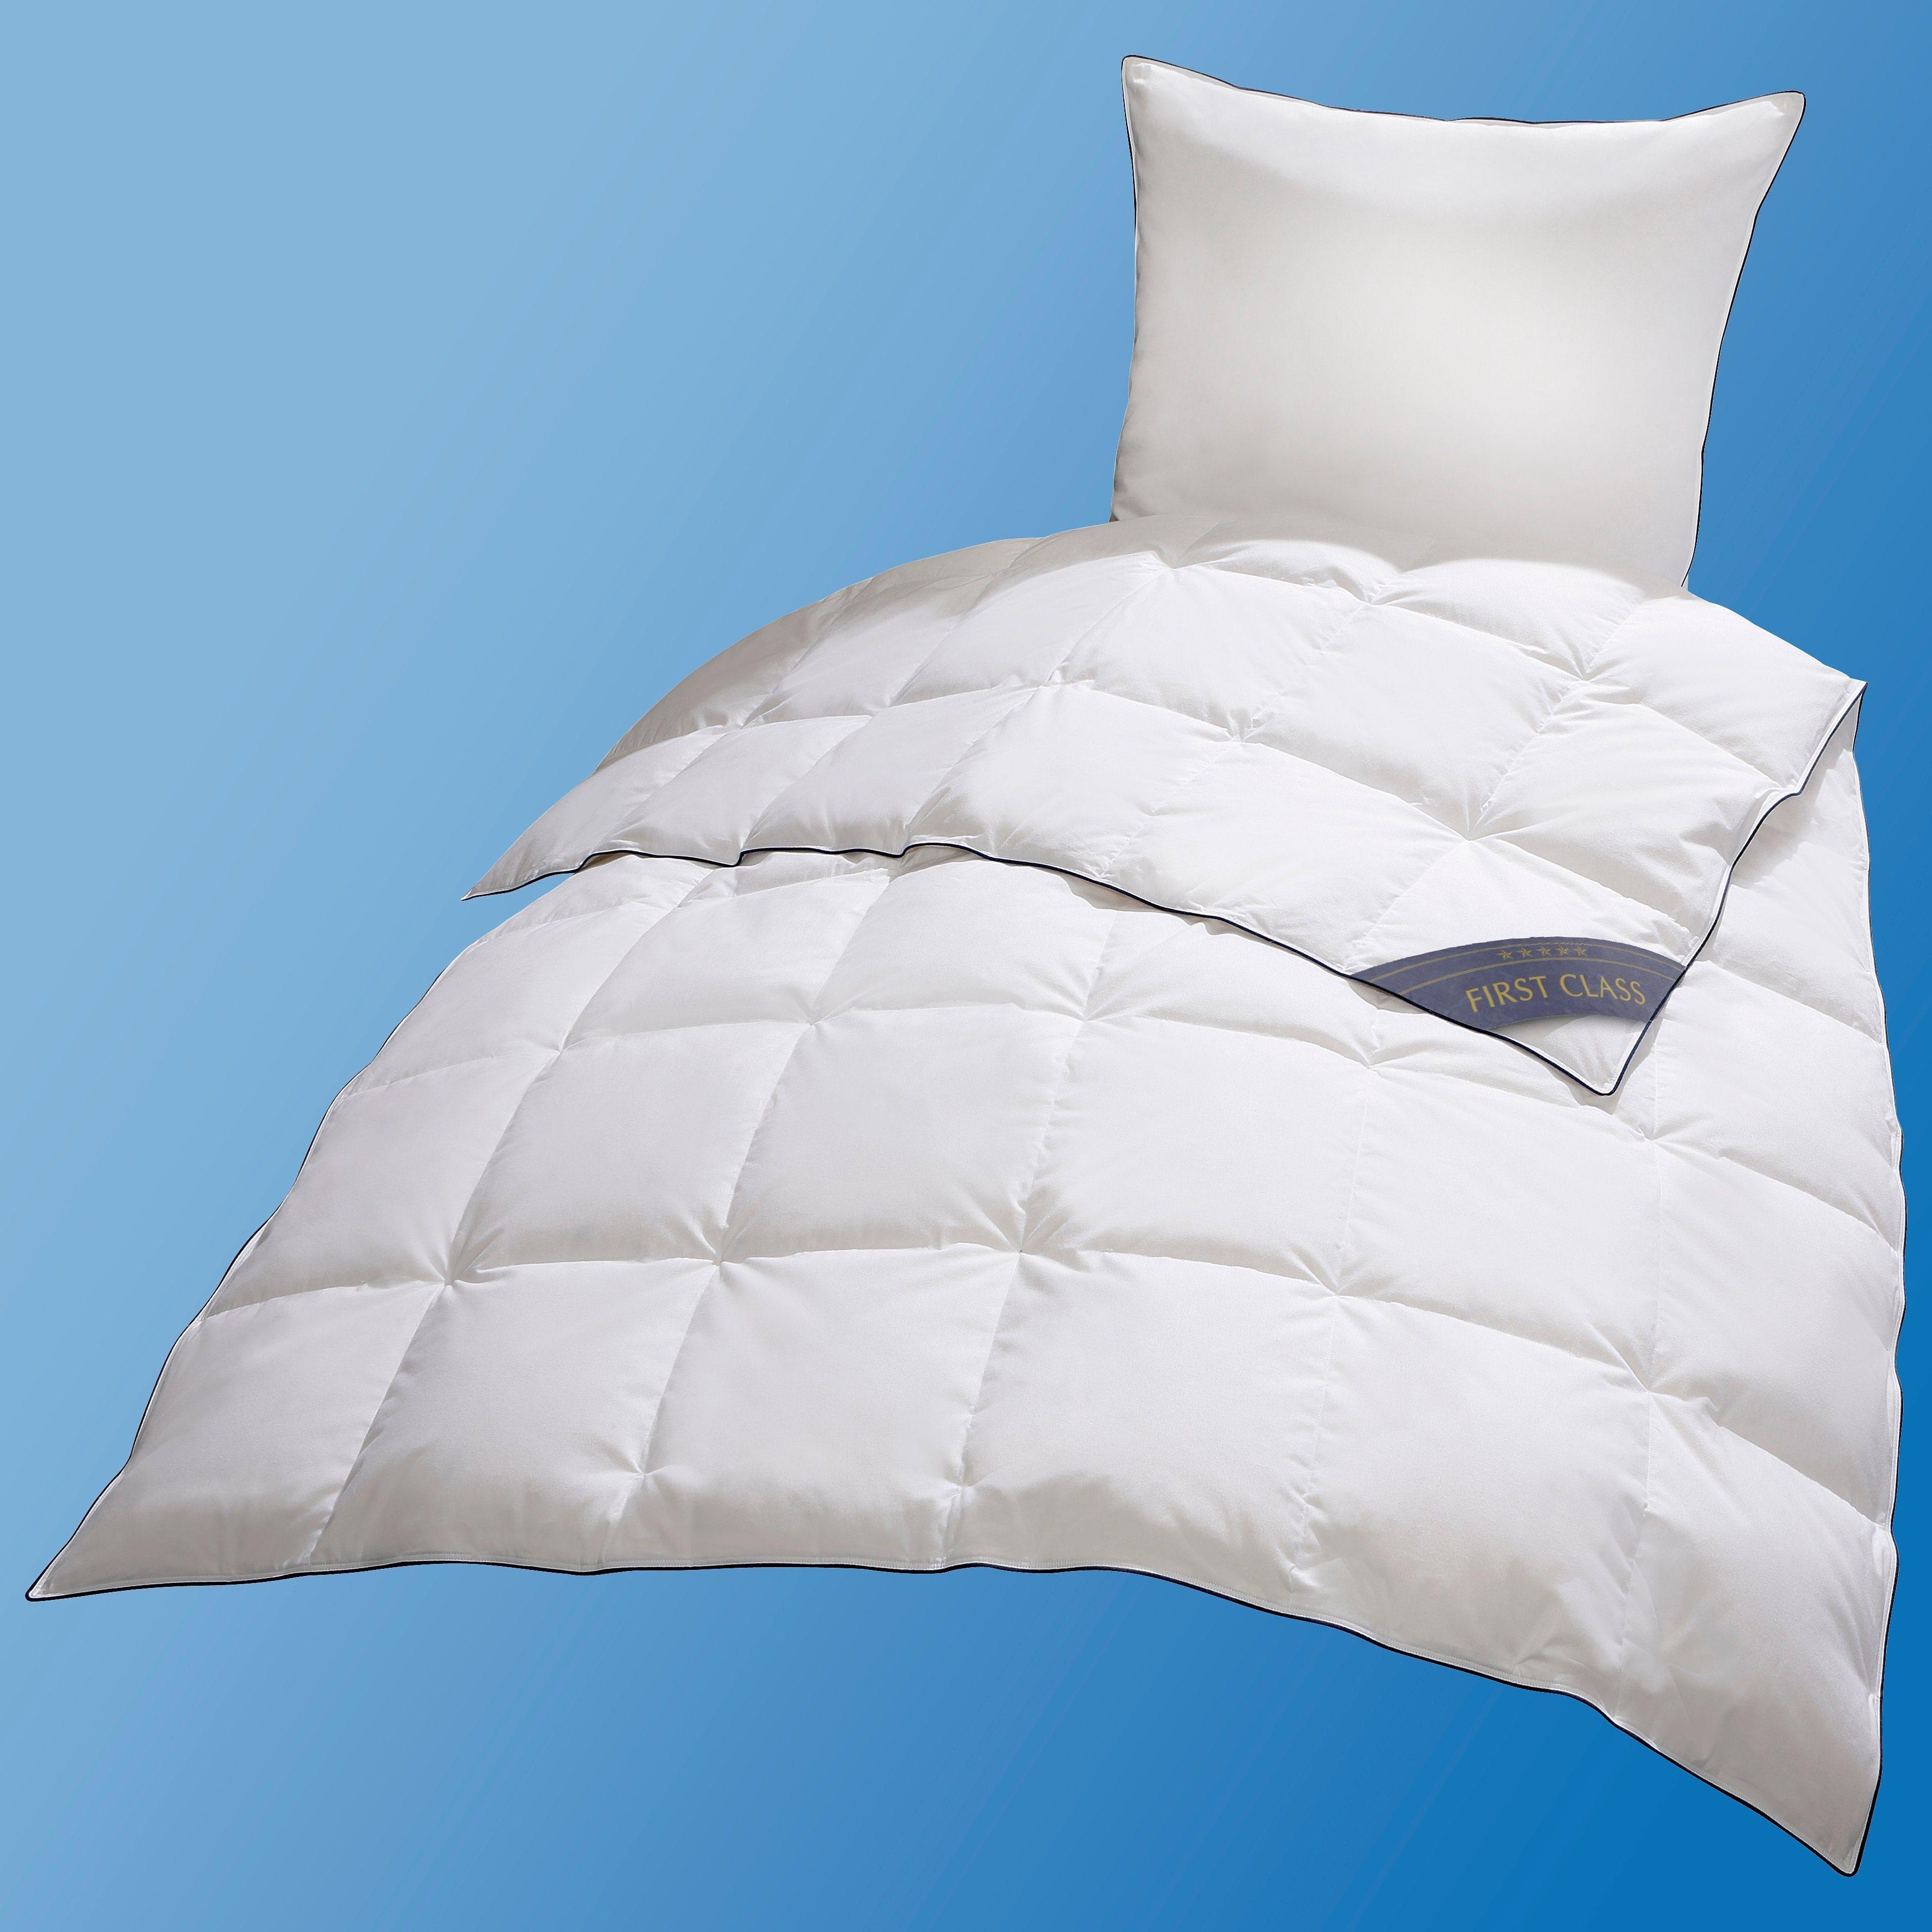 Daunenbettdecke, »Ben«, QUEENS TEXTILES, leicht, Füllung: 90% Daunen, 10% Federn, Bezug: 100% Baumwolle, (1-tlg) | Heimtextilien > Decken und Kissen > Bettdecken | Federn | QUEENS TEXTILES